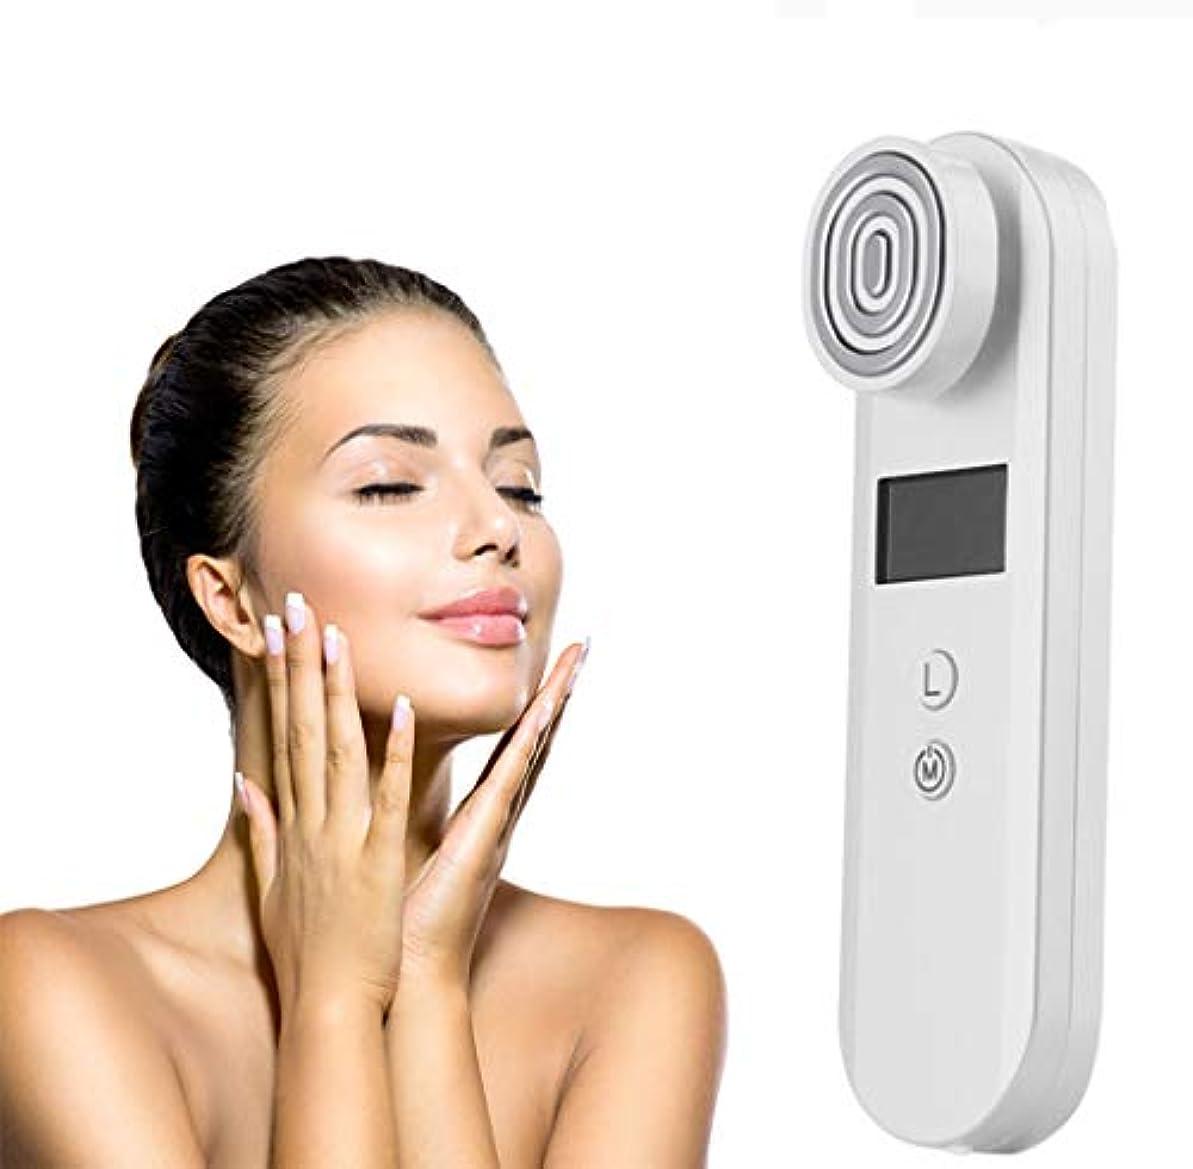 カニ慣らす喉が渇いたRFラジオ周波数美容機器、ダークサークル除去シワ除去フェイスネックリフト装置RF顔アンチエイジング美容デバイス顔マッサージャー,White